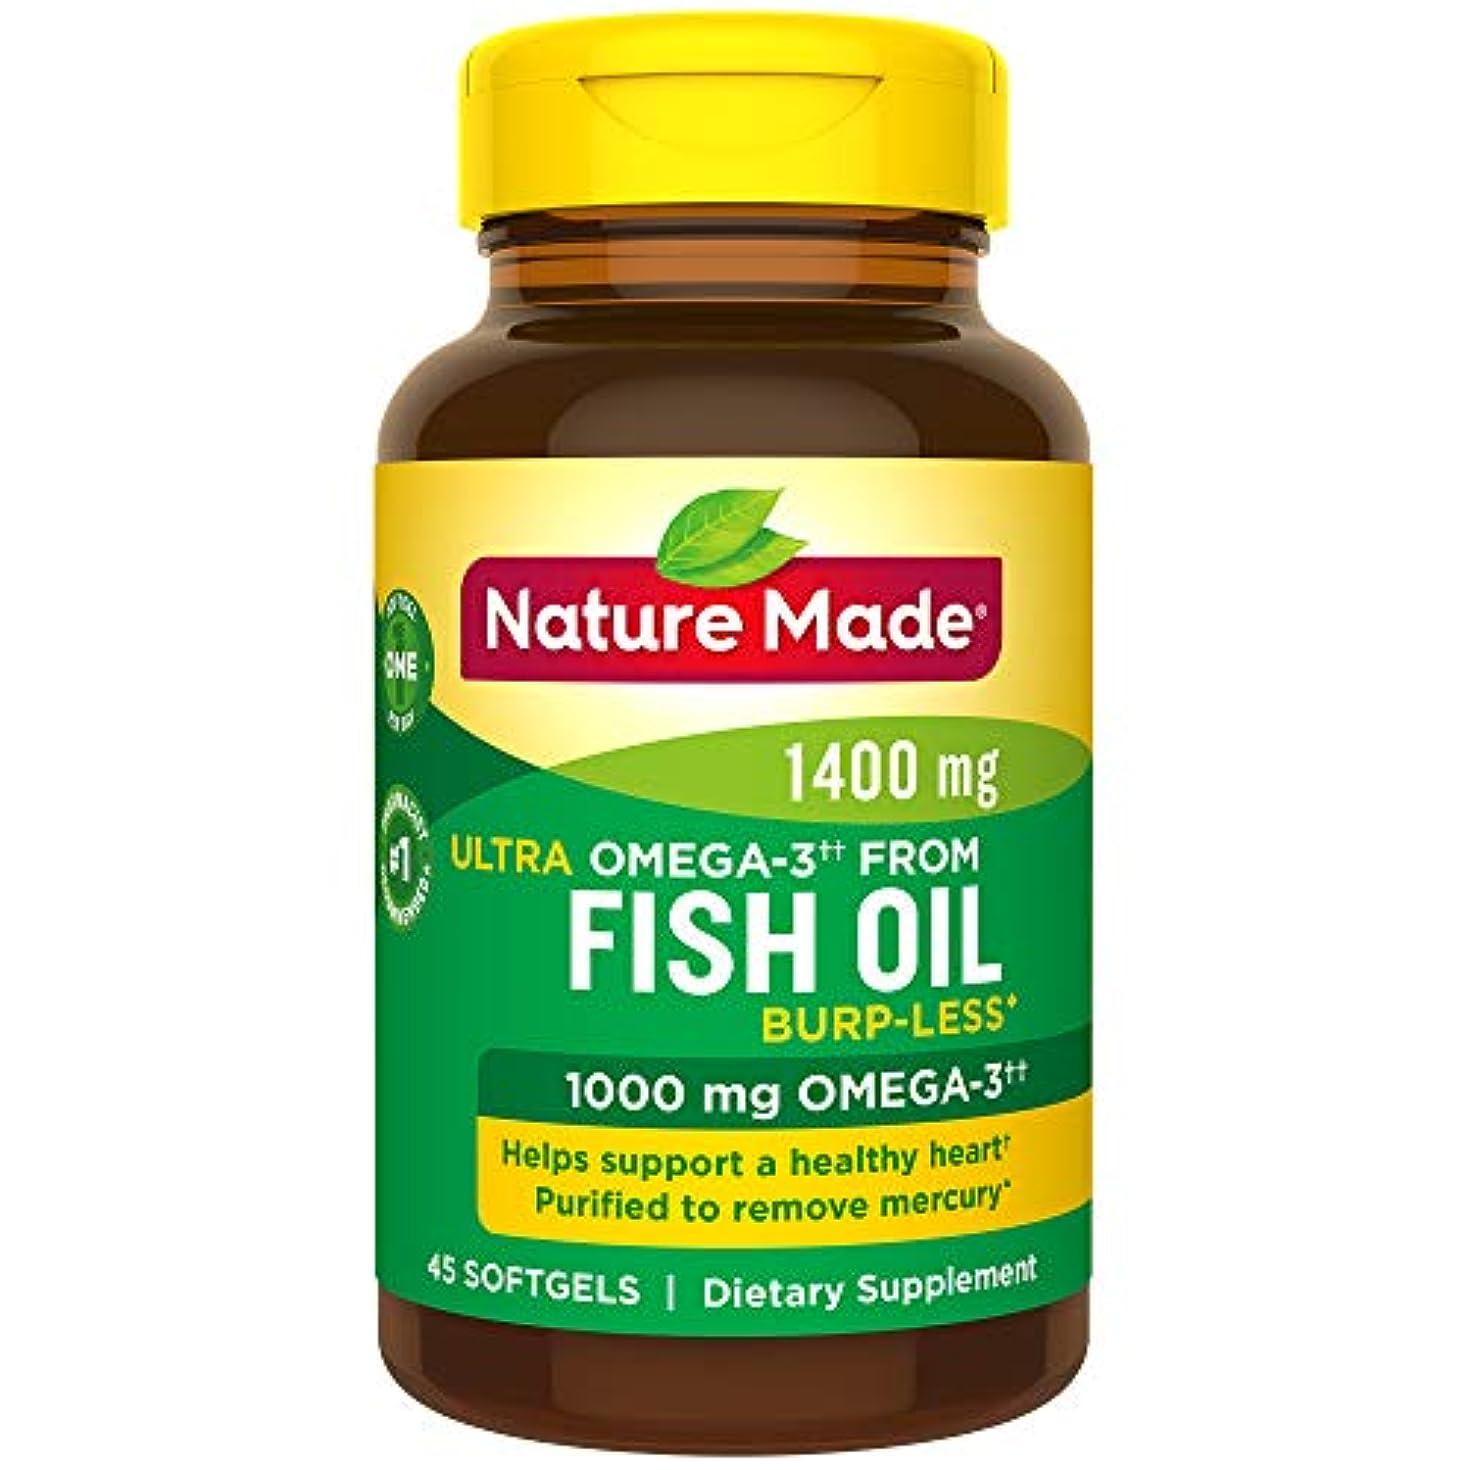 レオナルドダ処分した悪いNature Made Ultra Omega-3 Fish Oil Softgels, 1400 Mg, 45 Count 海外直送品